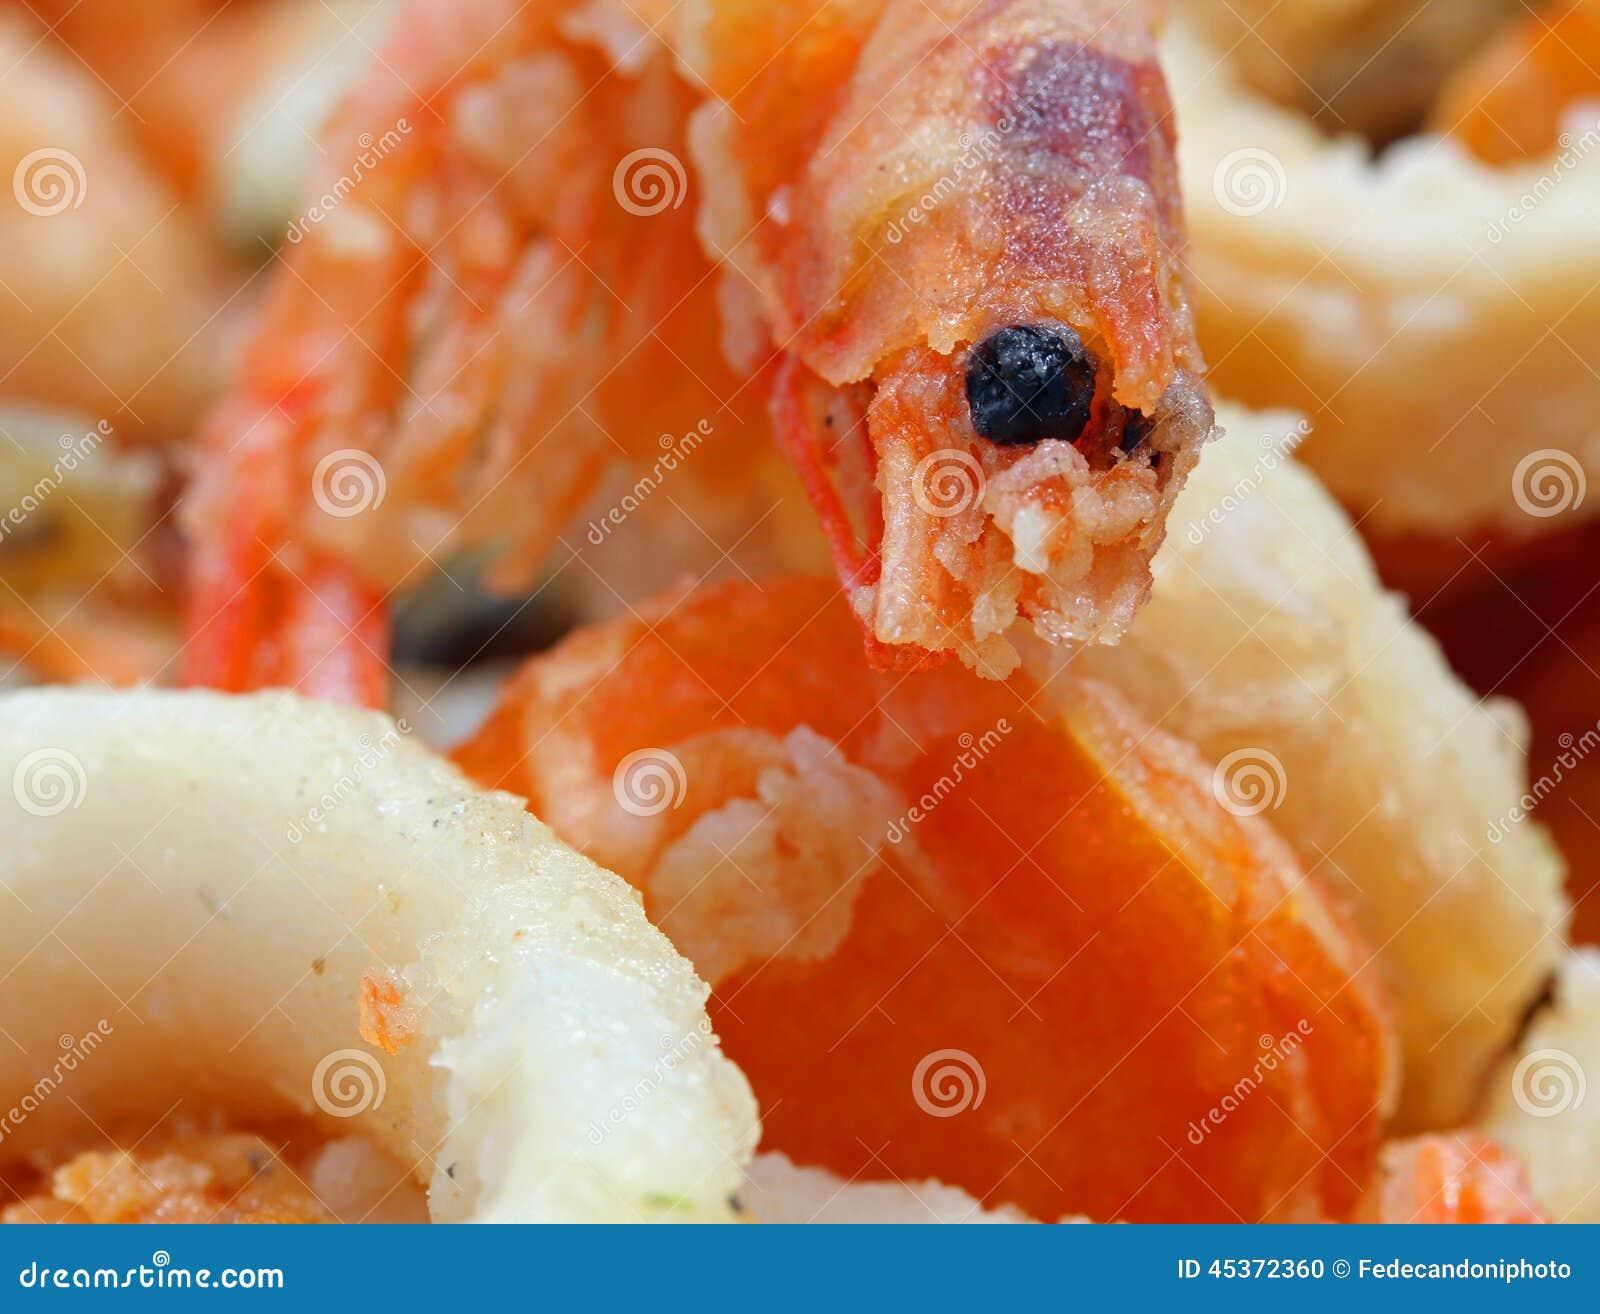 Crevette frite avec la macro lentille et d autres poissons frits